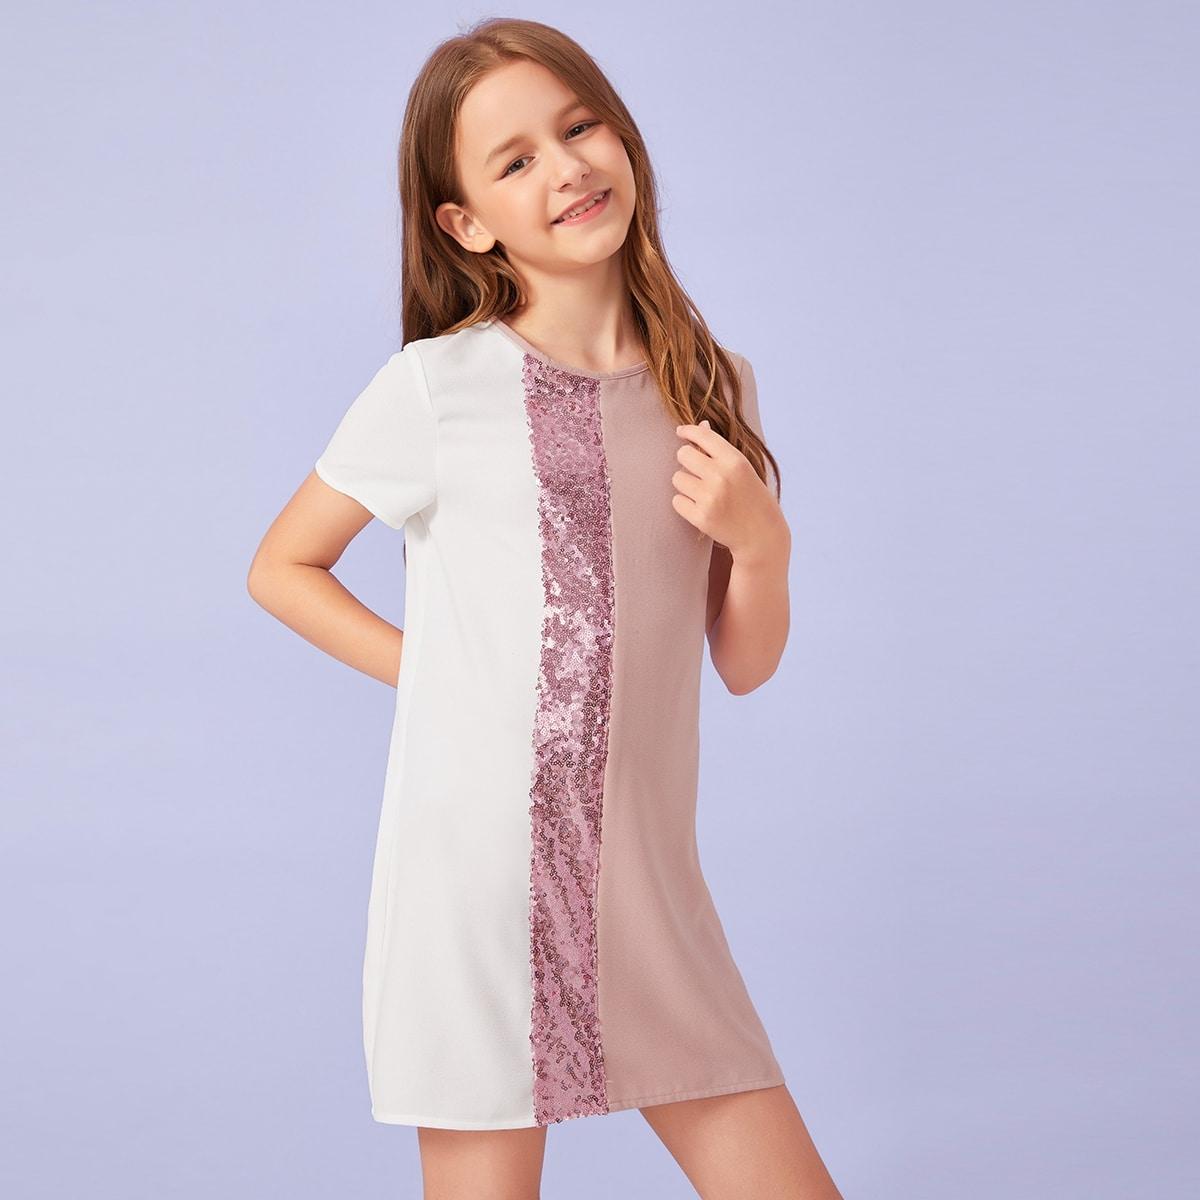 SHEIN / Mädchen Kleid mit Farbblock und Pailletten Einsatz